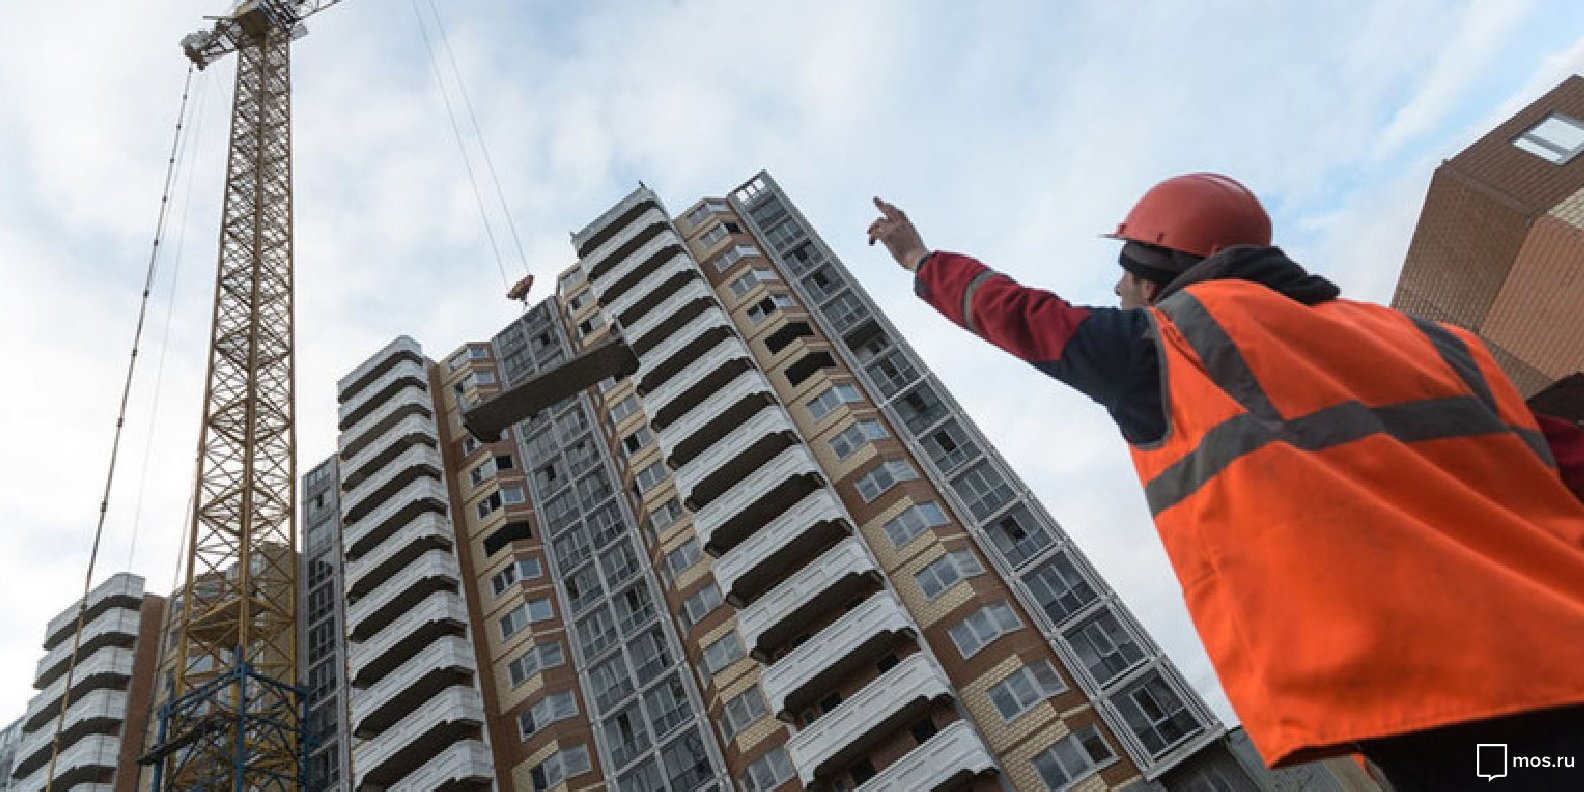 Губернатор Андрей Травников подписал постановление о предоставлении дополнительных мер поддержки обманутым дольщикам